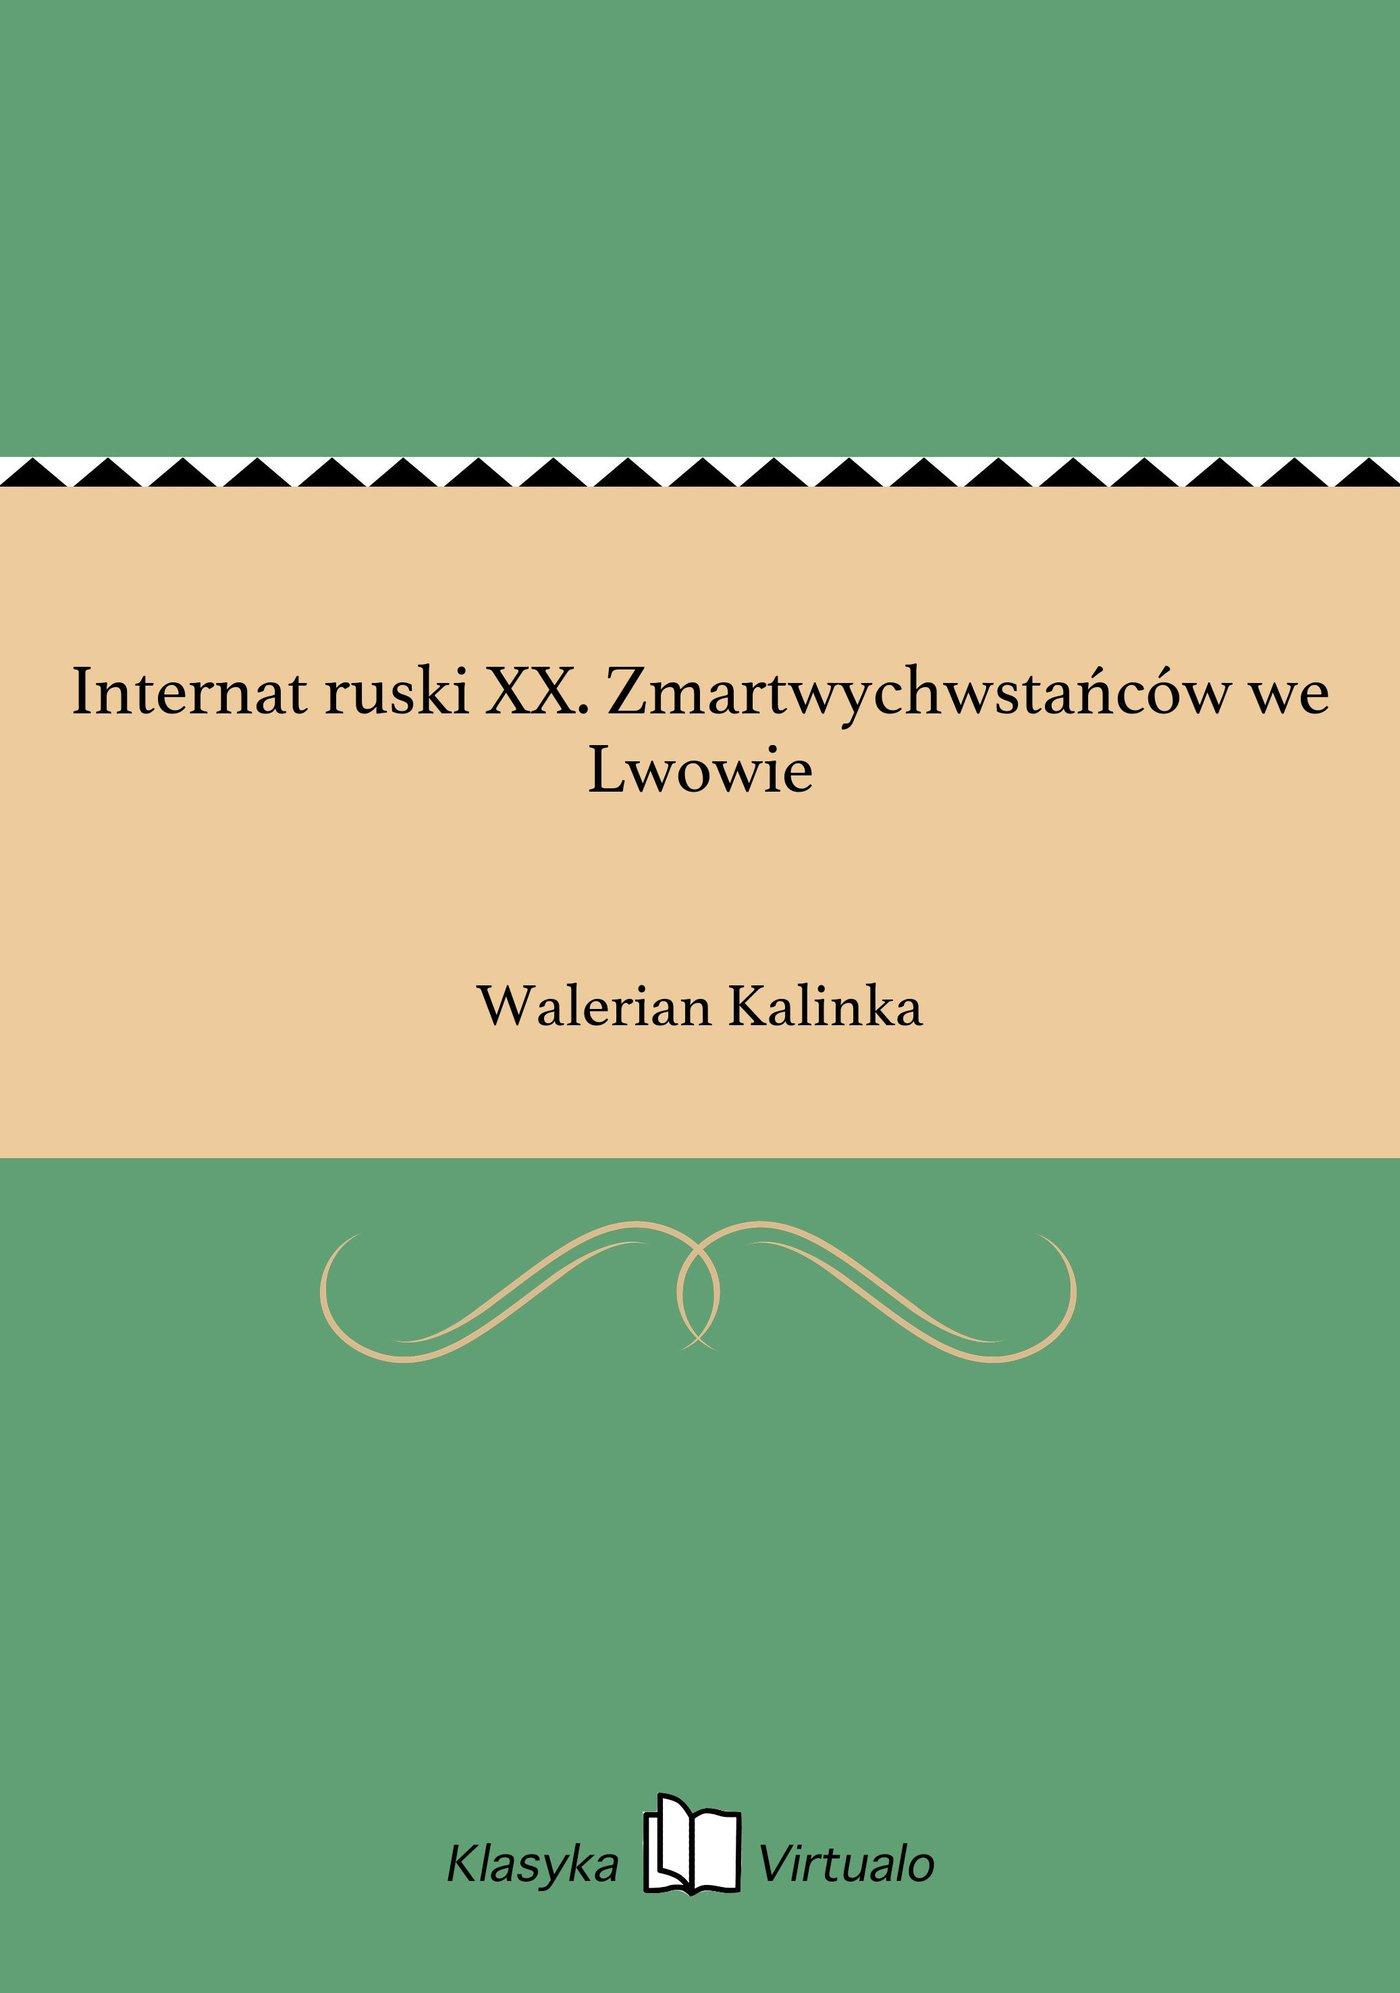 Internat ruski XX. Zmartwychwstańców we Lwowie - Ebook (Książka EPUB) do pobrania w formacie EPUB